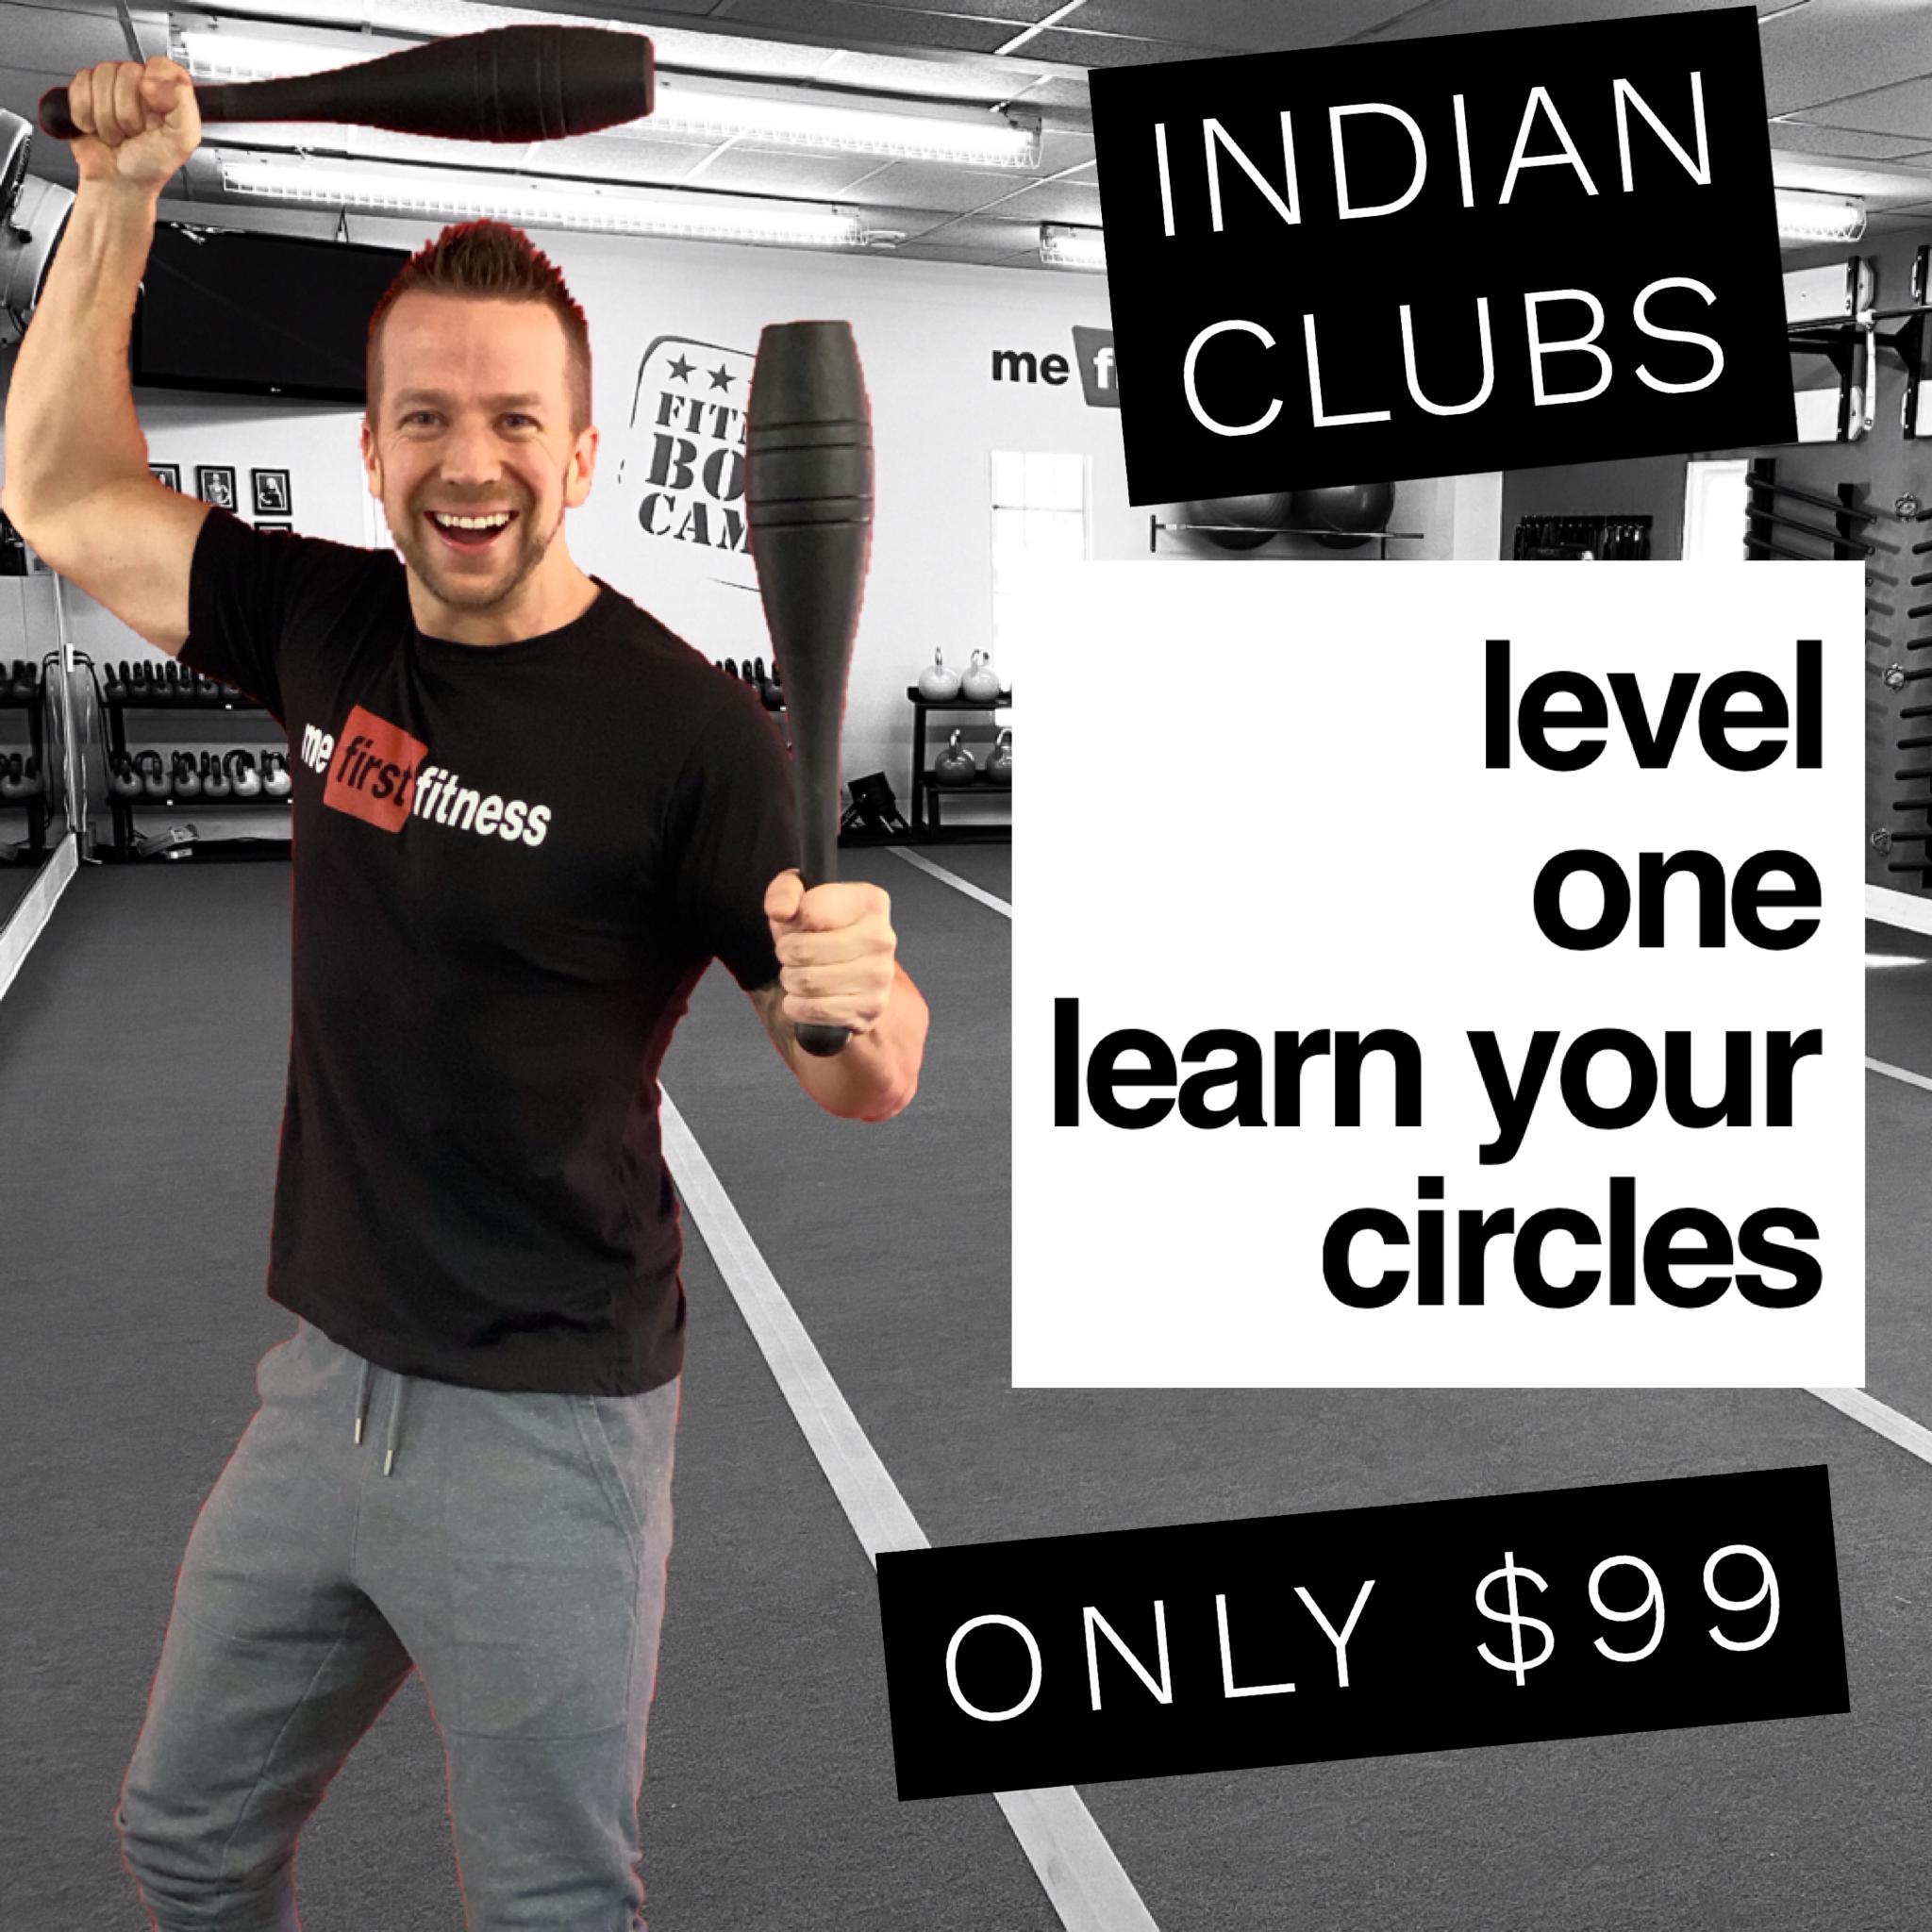 indianclubswork